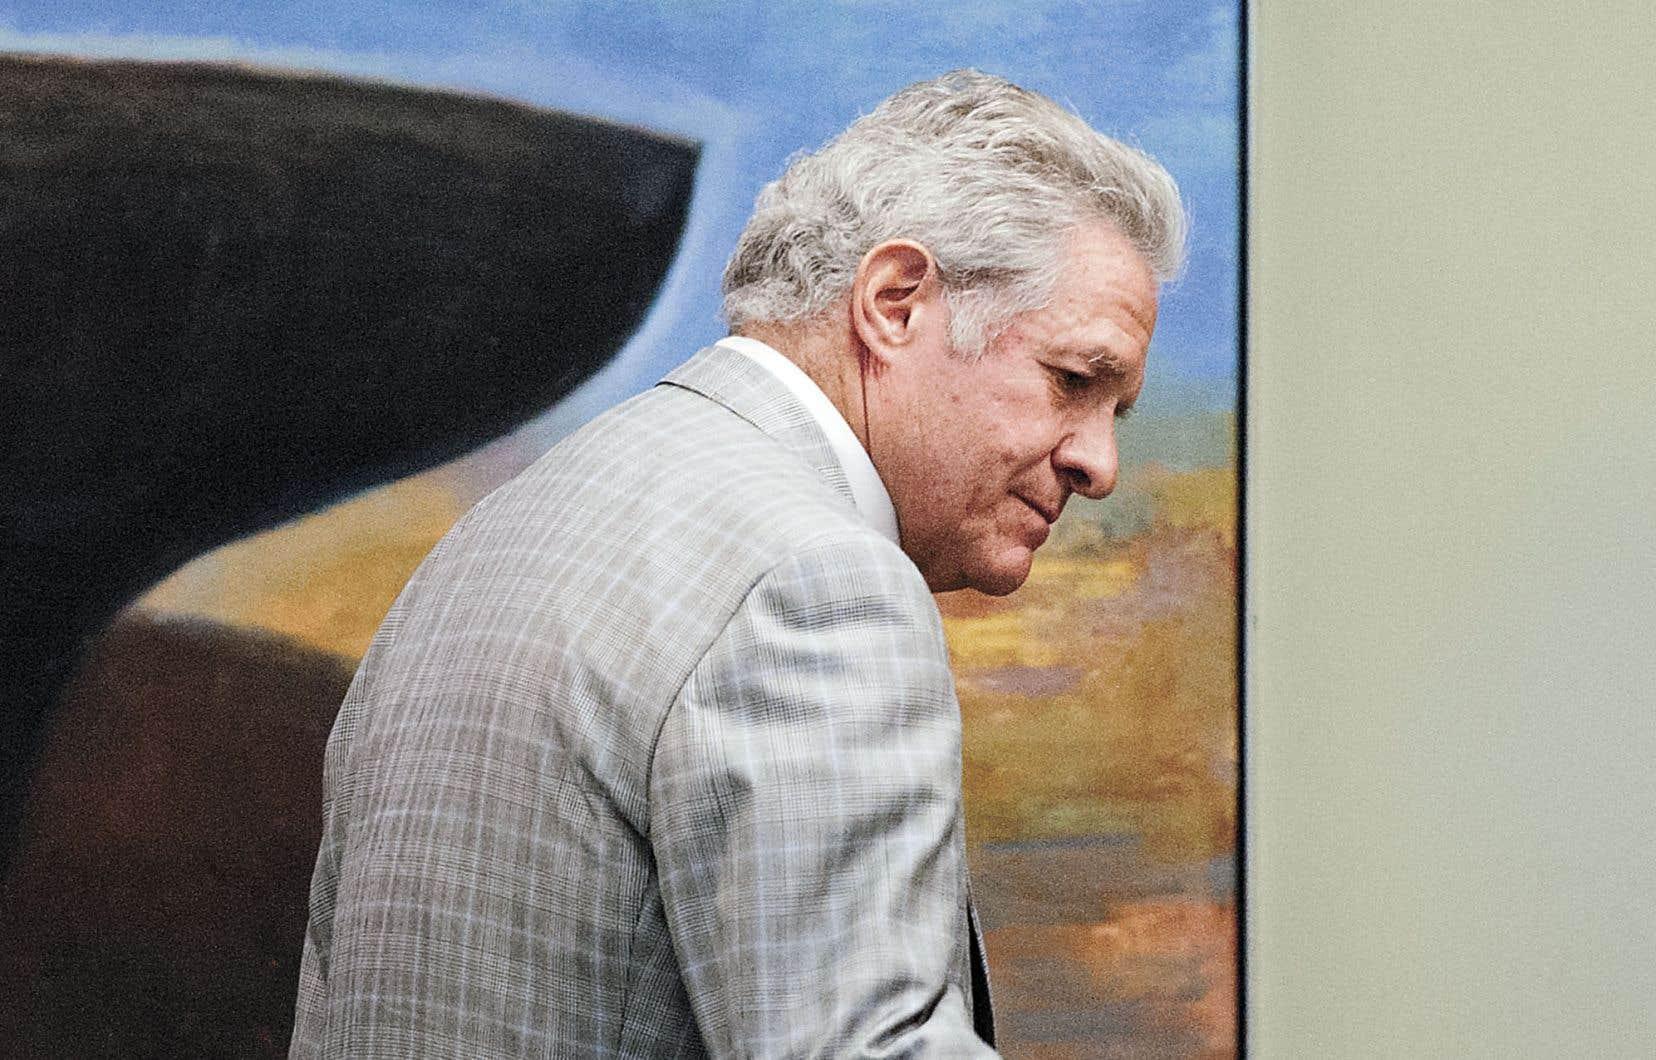 La condamnation de Tony Accurso constitue la fin d'un chapitre significatif de la corruption municipale qui a touché plusieurs villes du Québec.